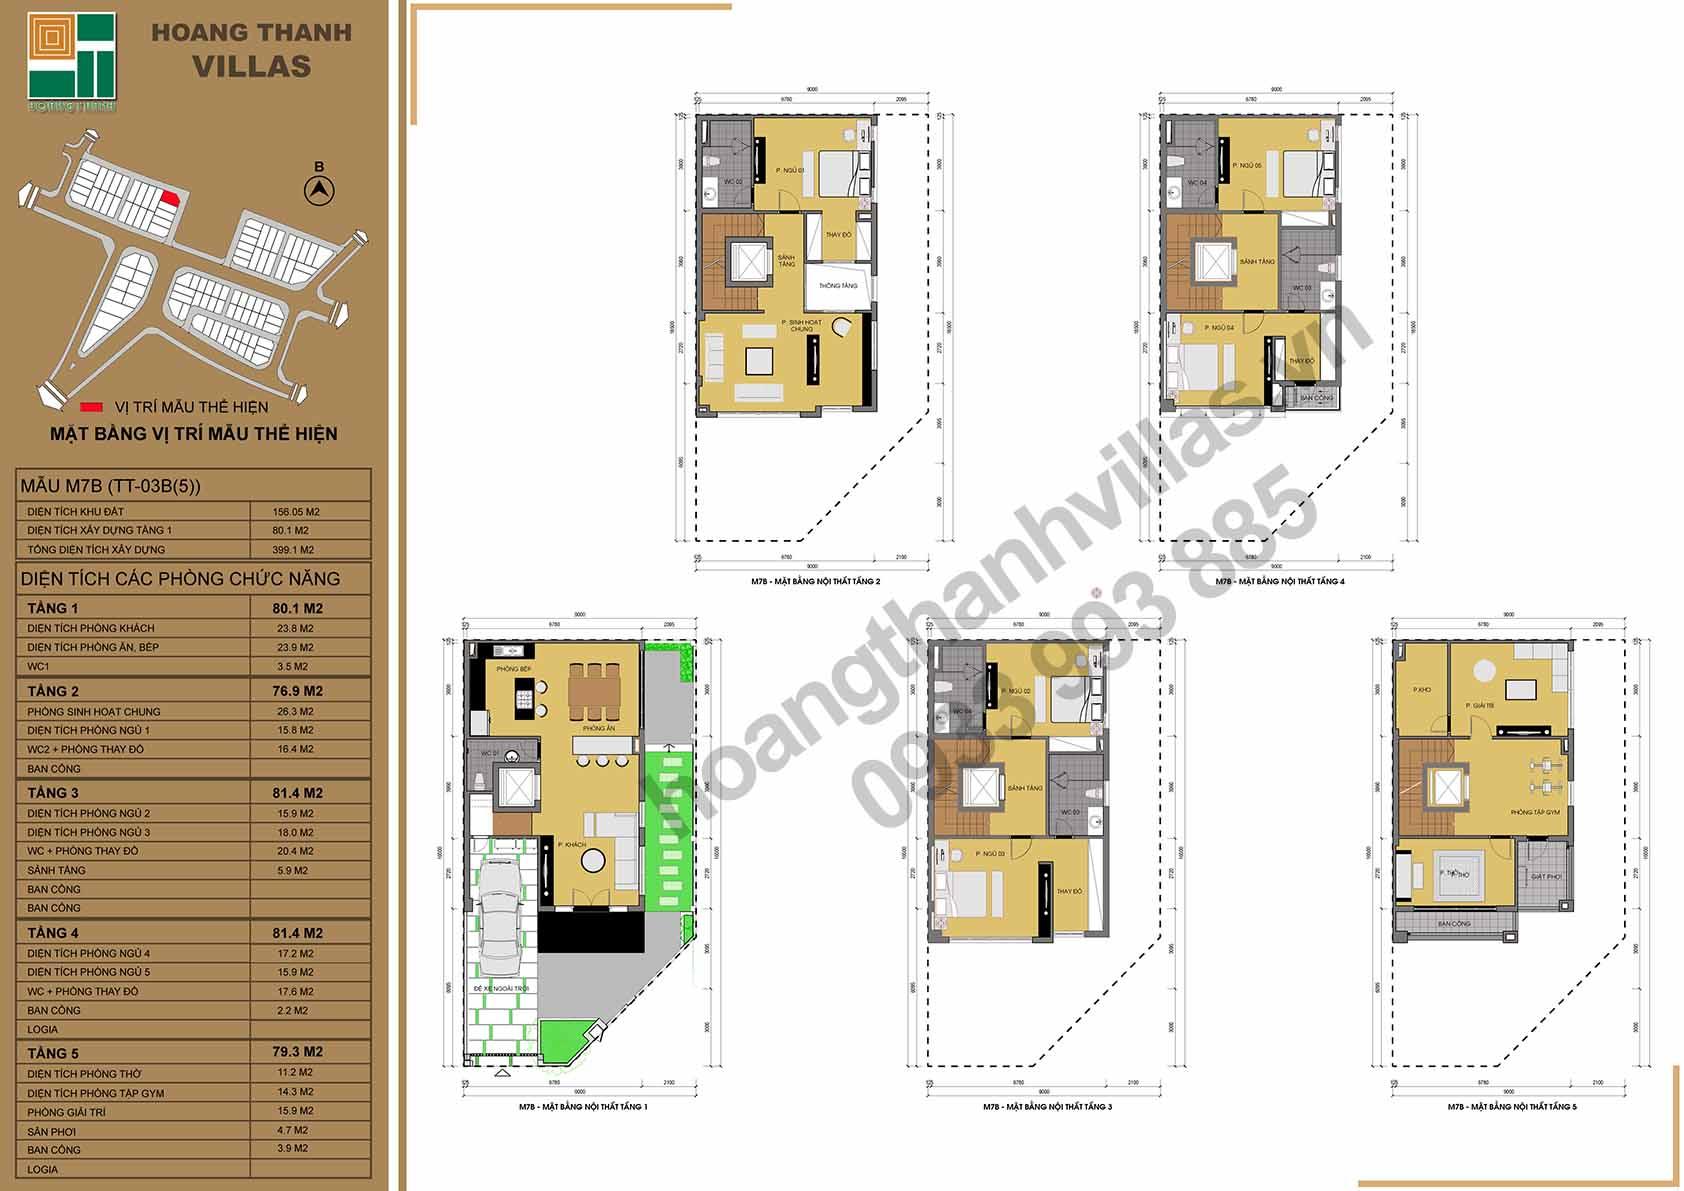 layout căn hộ hoàng thành villas